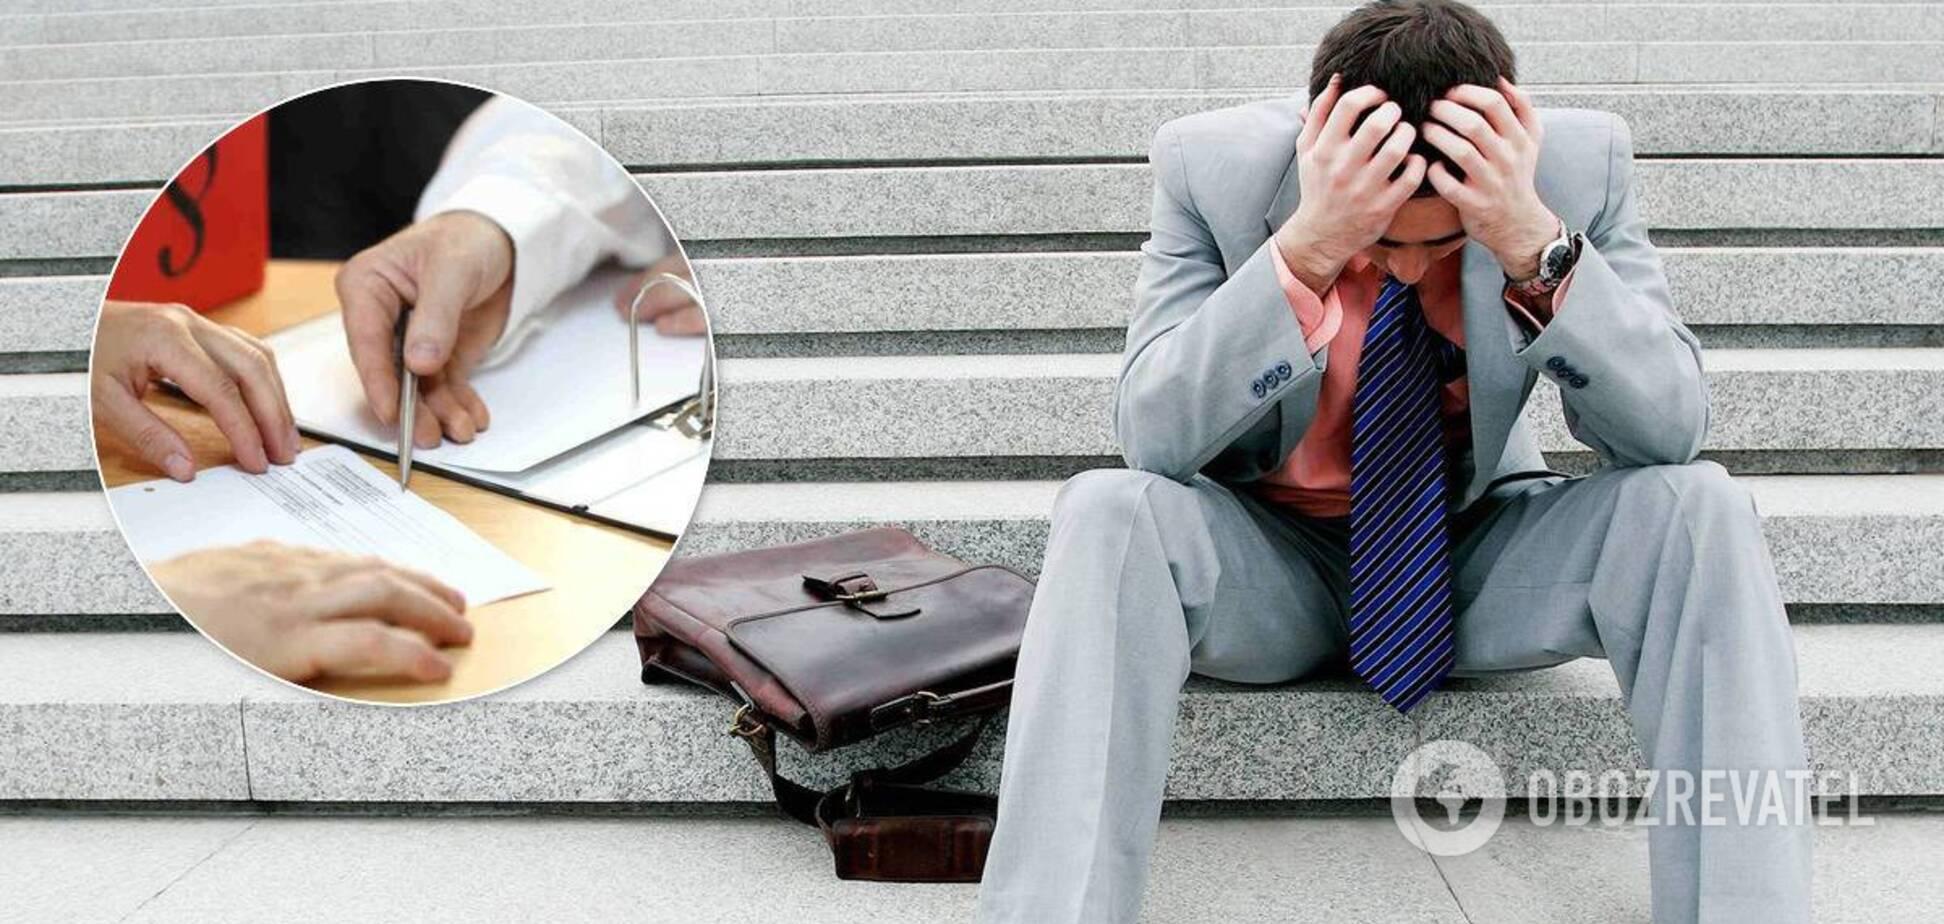 У Дніпрі без відома оформляють поручительство по кредиту і лякають дзвінками: куди звертатися